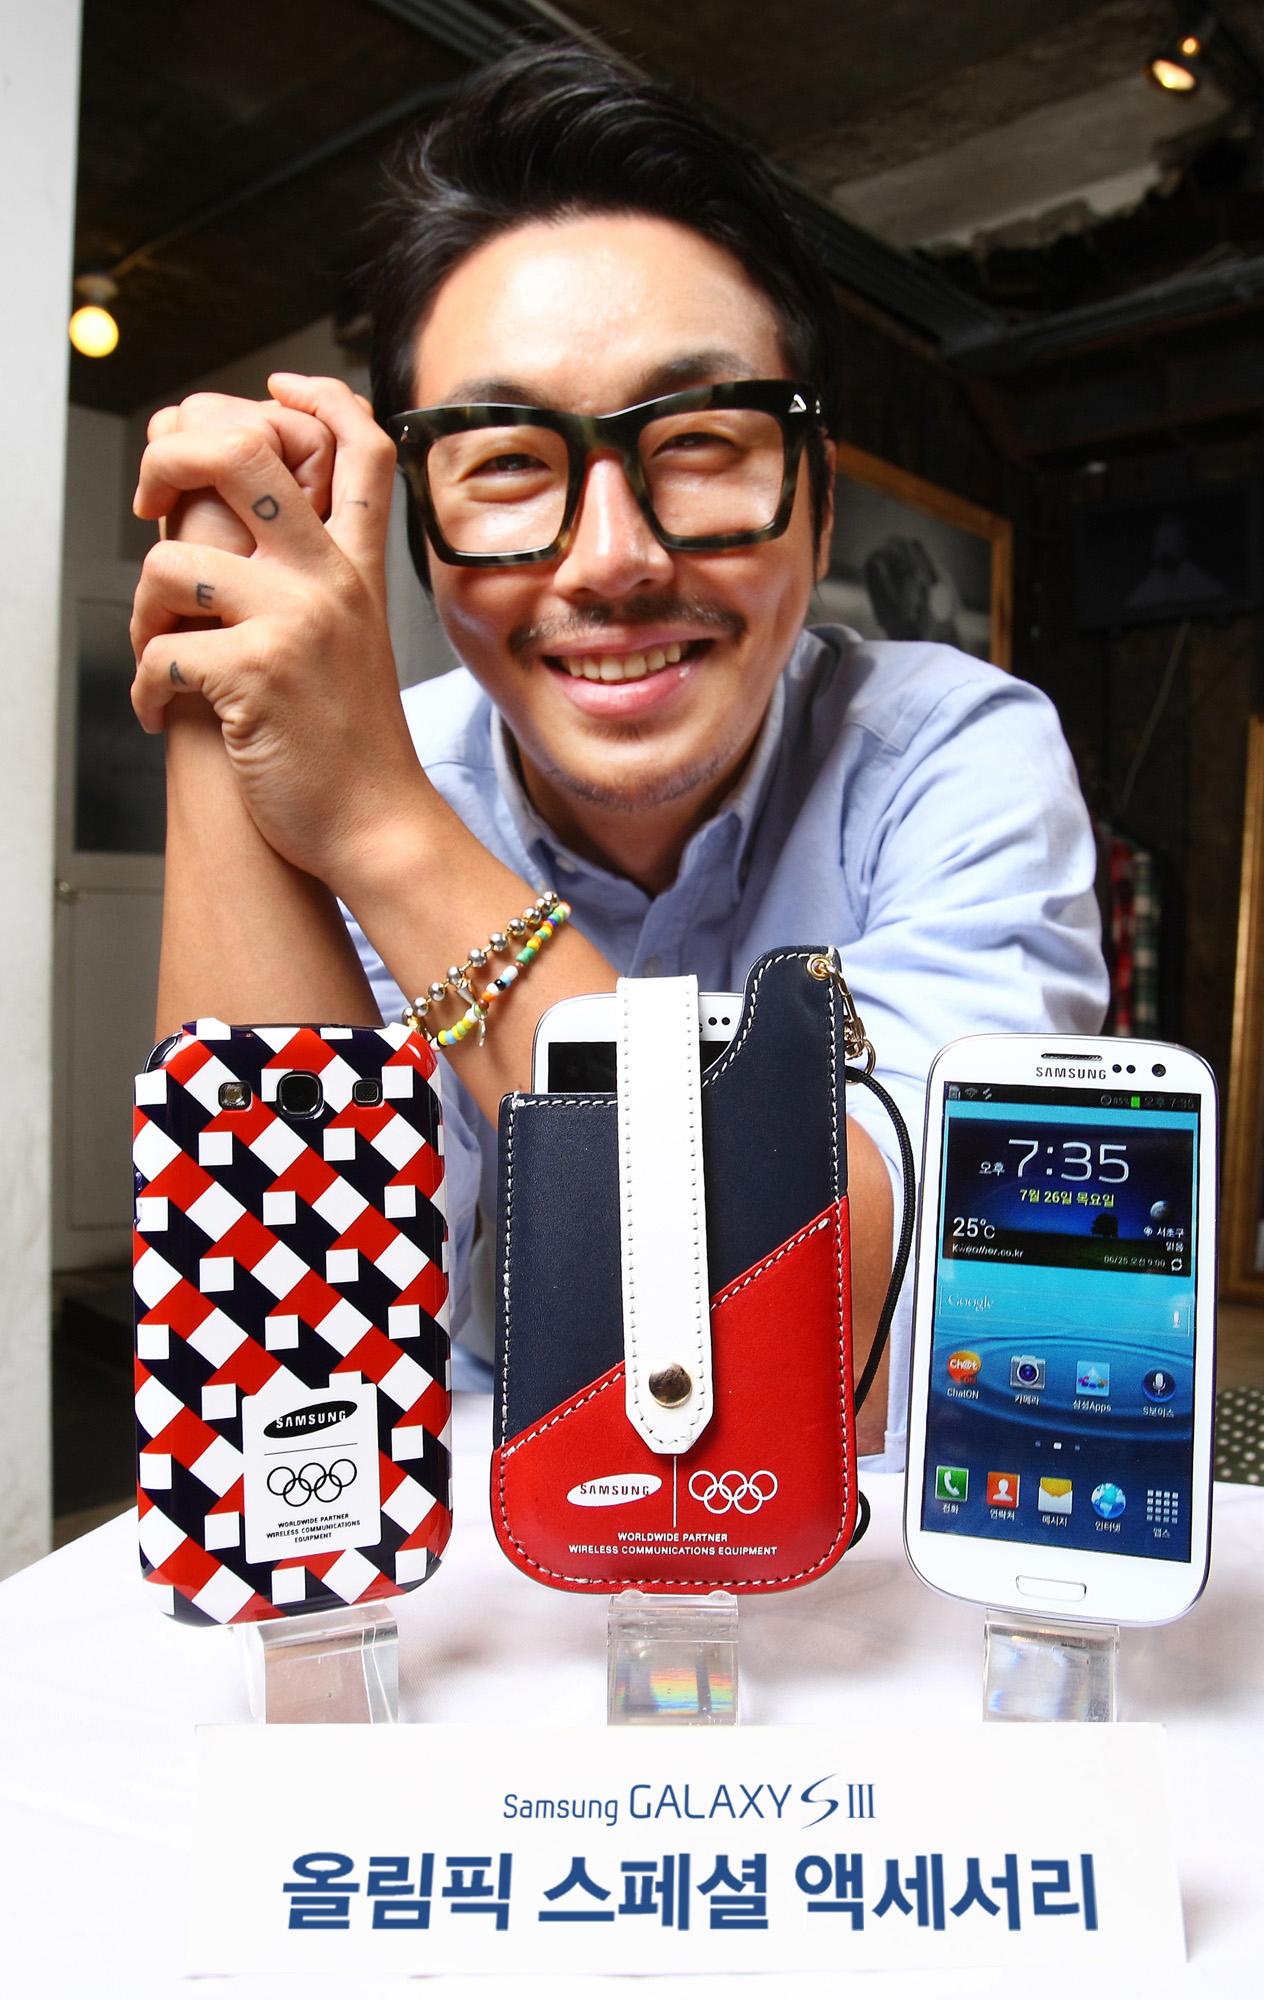 유명 패션 디자이너 최범석과 그가 디자인한 휴대폰 케이스와 파우치가 포함된 '갤럭시SⅢ 올림픽 스페셜 액세서리